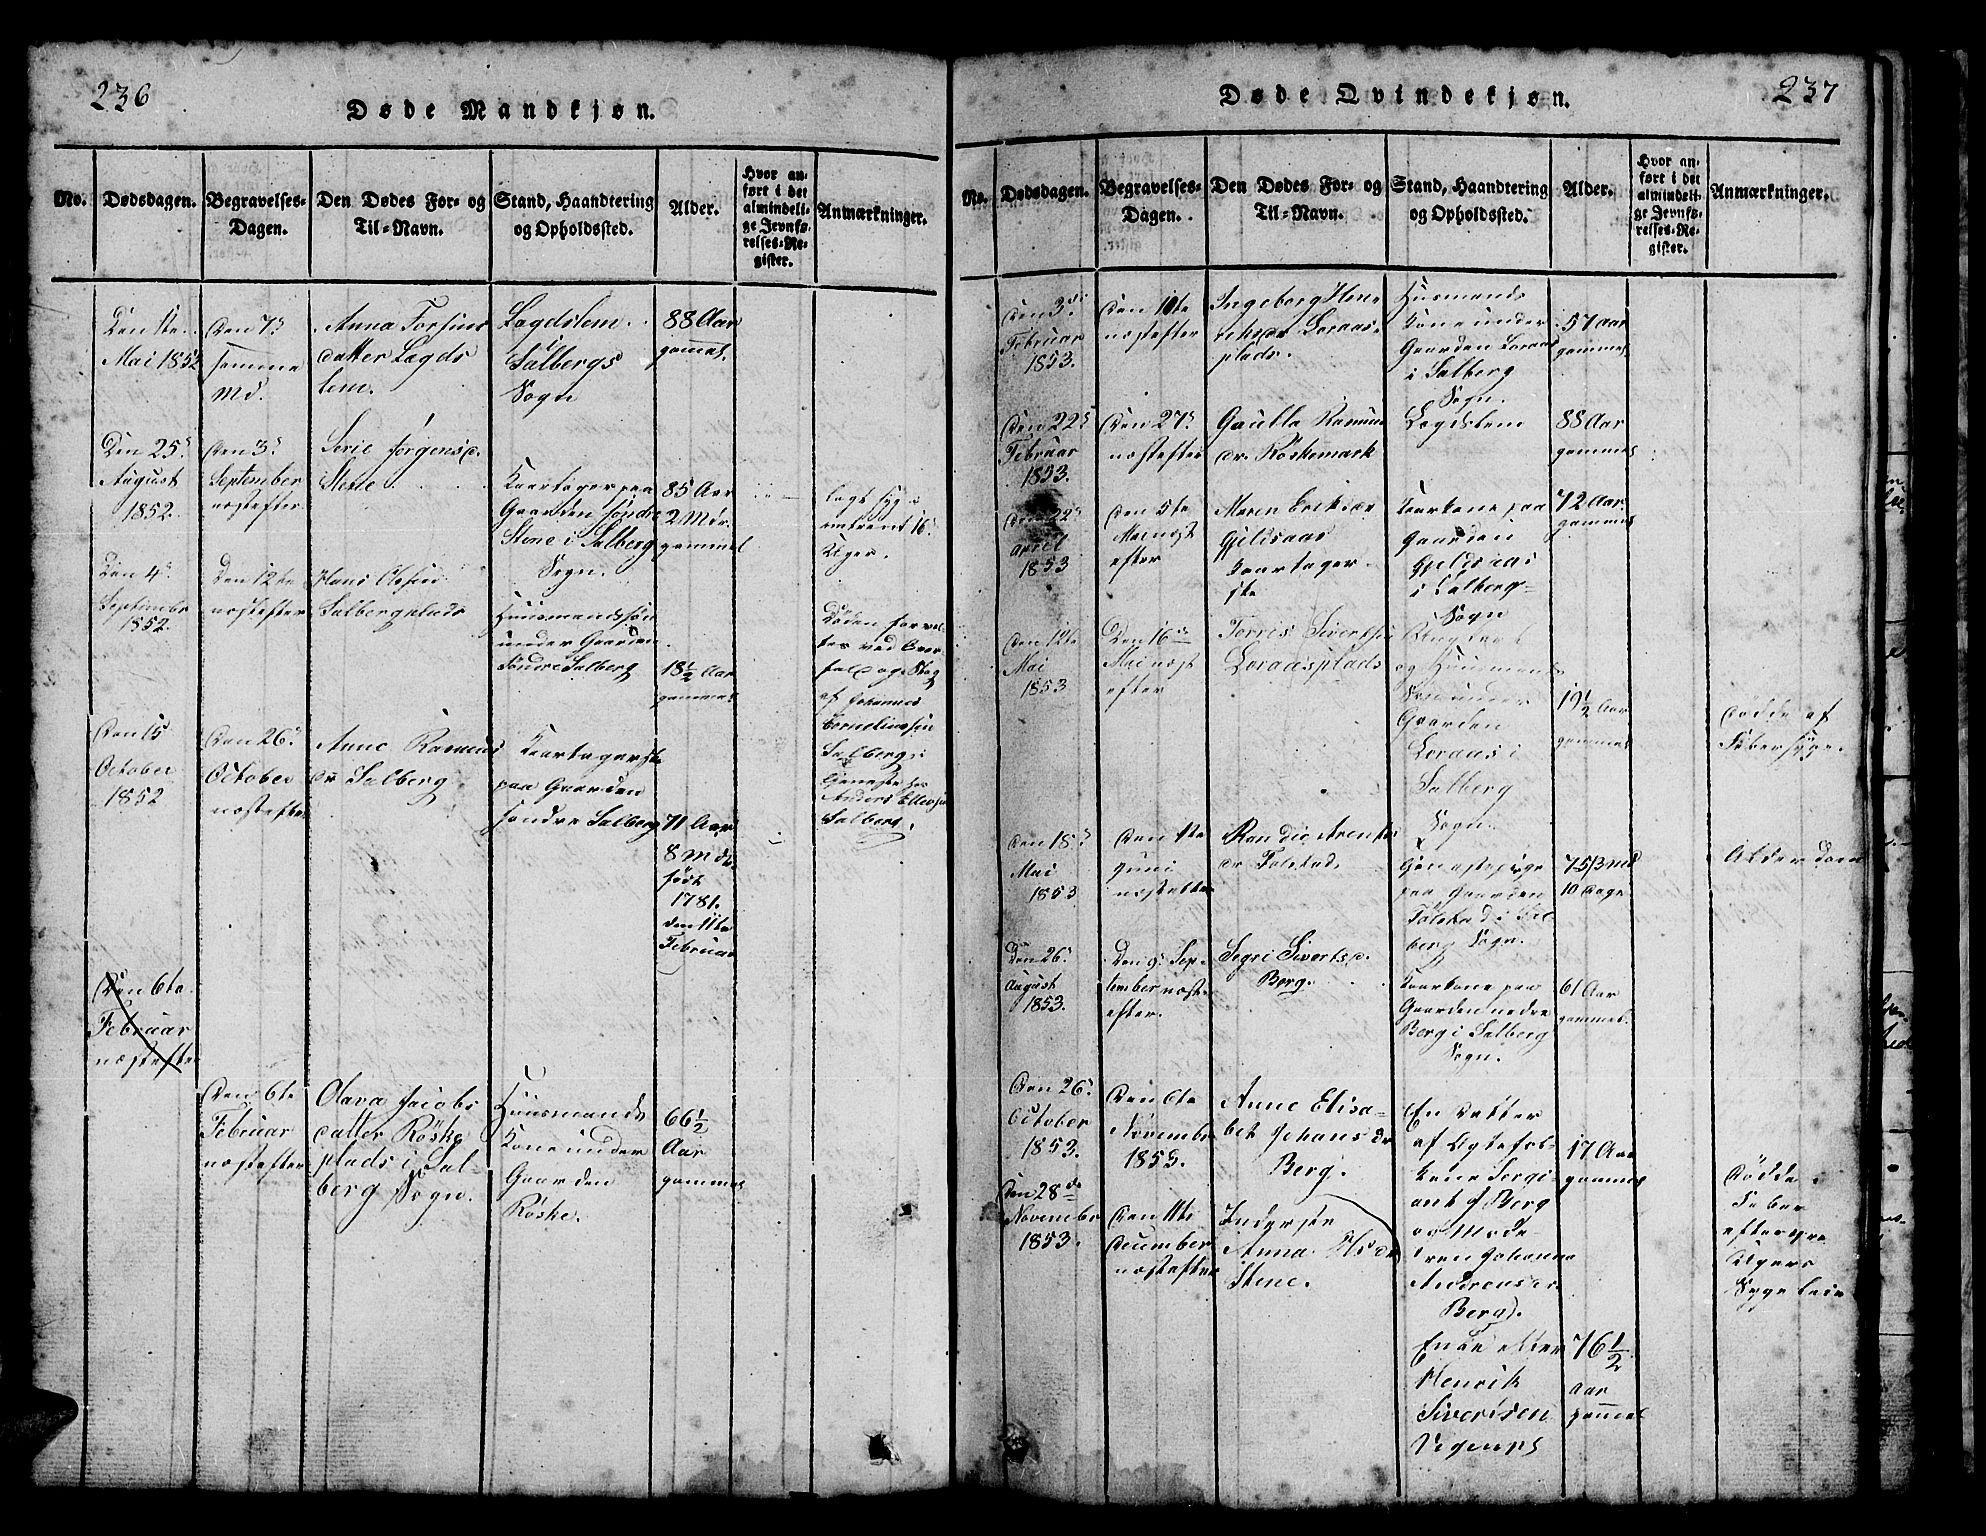 SAT, Ministerialprotokoller, klokkerbøker og fødselsregistre - Nord-Trøndelag, 731/L0310: Klokkerbok nr. 731C01, 1816-1874, s. 236-237